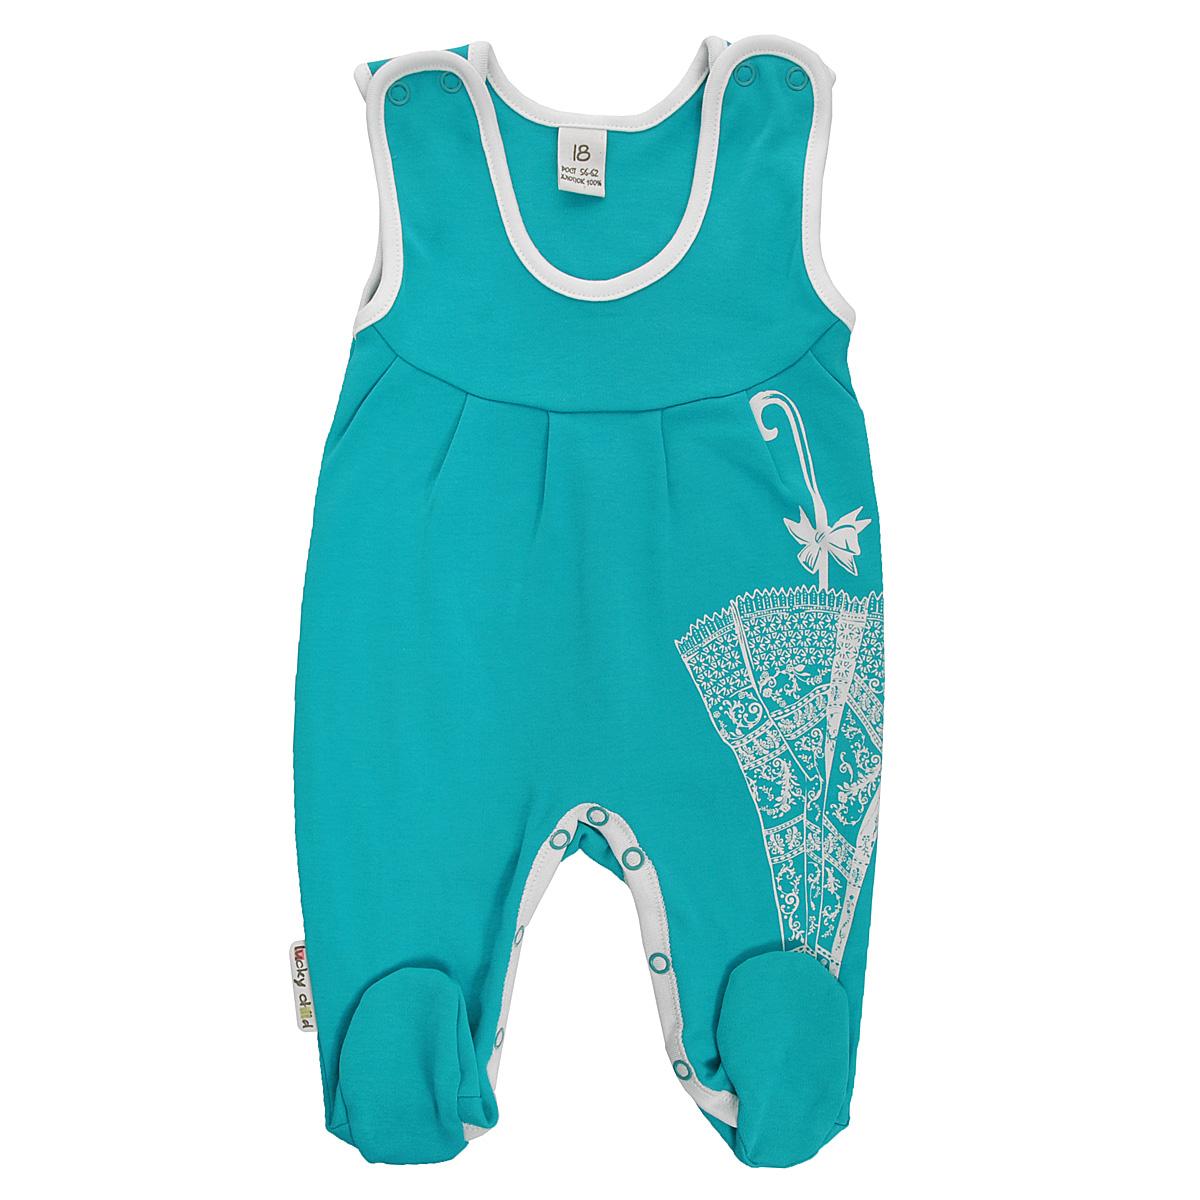 Ползунки14-2Ползунки с грудкой для девочки Lucky Child - очень удобный и практичный вид одежды для малышей. Они отлично сочетаются с футболками и кофточками. Ползунки выполнены из натурального хлопка, благодаря чему они необычайно мягкие и приятные на ощупь, не раздражают нежную кожу ребенка и хорошо вентилируются, а эластичные швы приятны телу малышки и не препятствуют ее движениям. Ползунки с закрытыми ножками, застегивающиеся сверху на кнопки, идеально подойдут вашей малышке, обеспечивая ей наибольший комфорт, подходят для ношения с подгузником и без него. Кнопки на ластовице помогают легко и без труда поменять подгузник в течение дня. Спереди они оформлены принтом с изображением зонта. Ползунки с грудкой полностью соответствуют особенностям жизни младенца в ранний период, не стесняя и не ограничивая его в движениях!